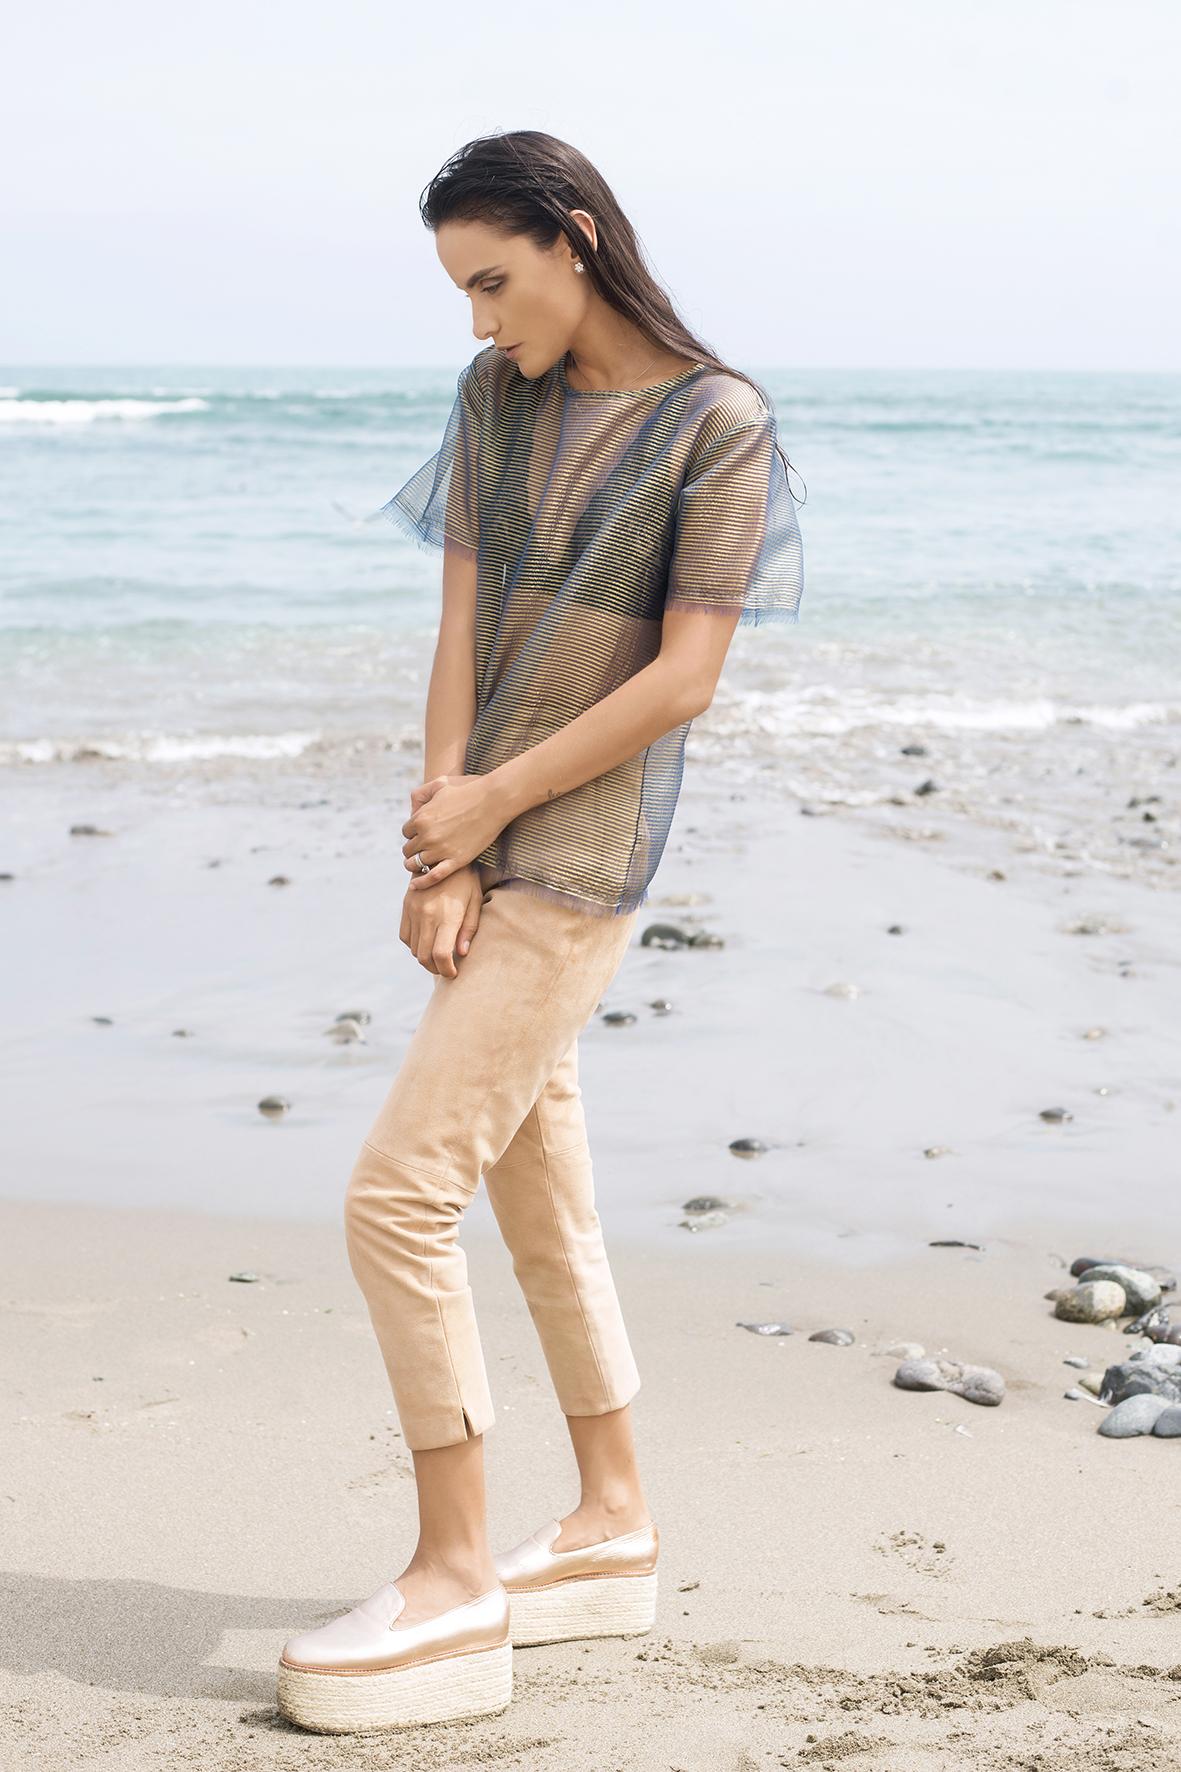 giuliana weston - modelo peruana - perú - peru moda -  fashion photography - costa verde -  002.jpg